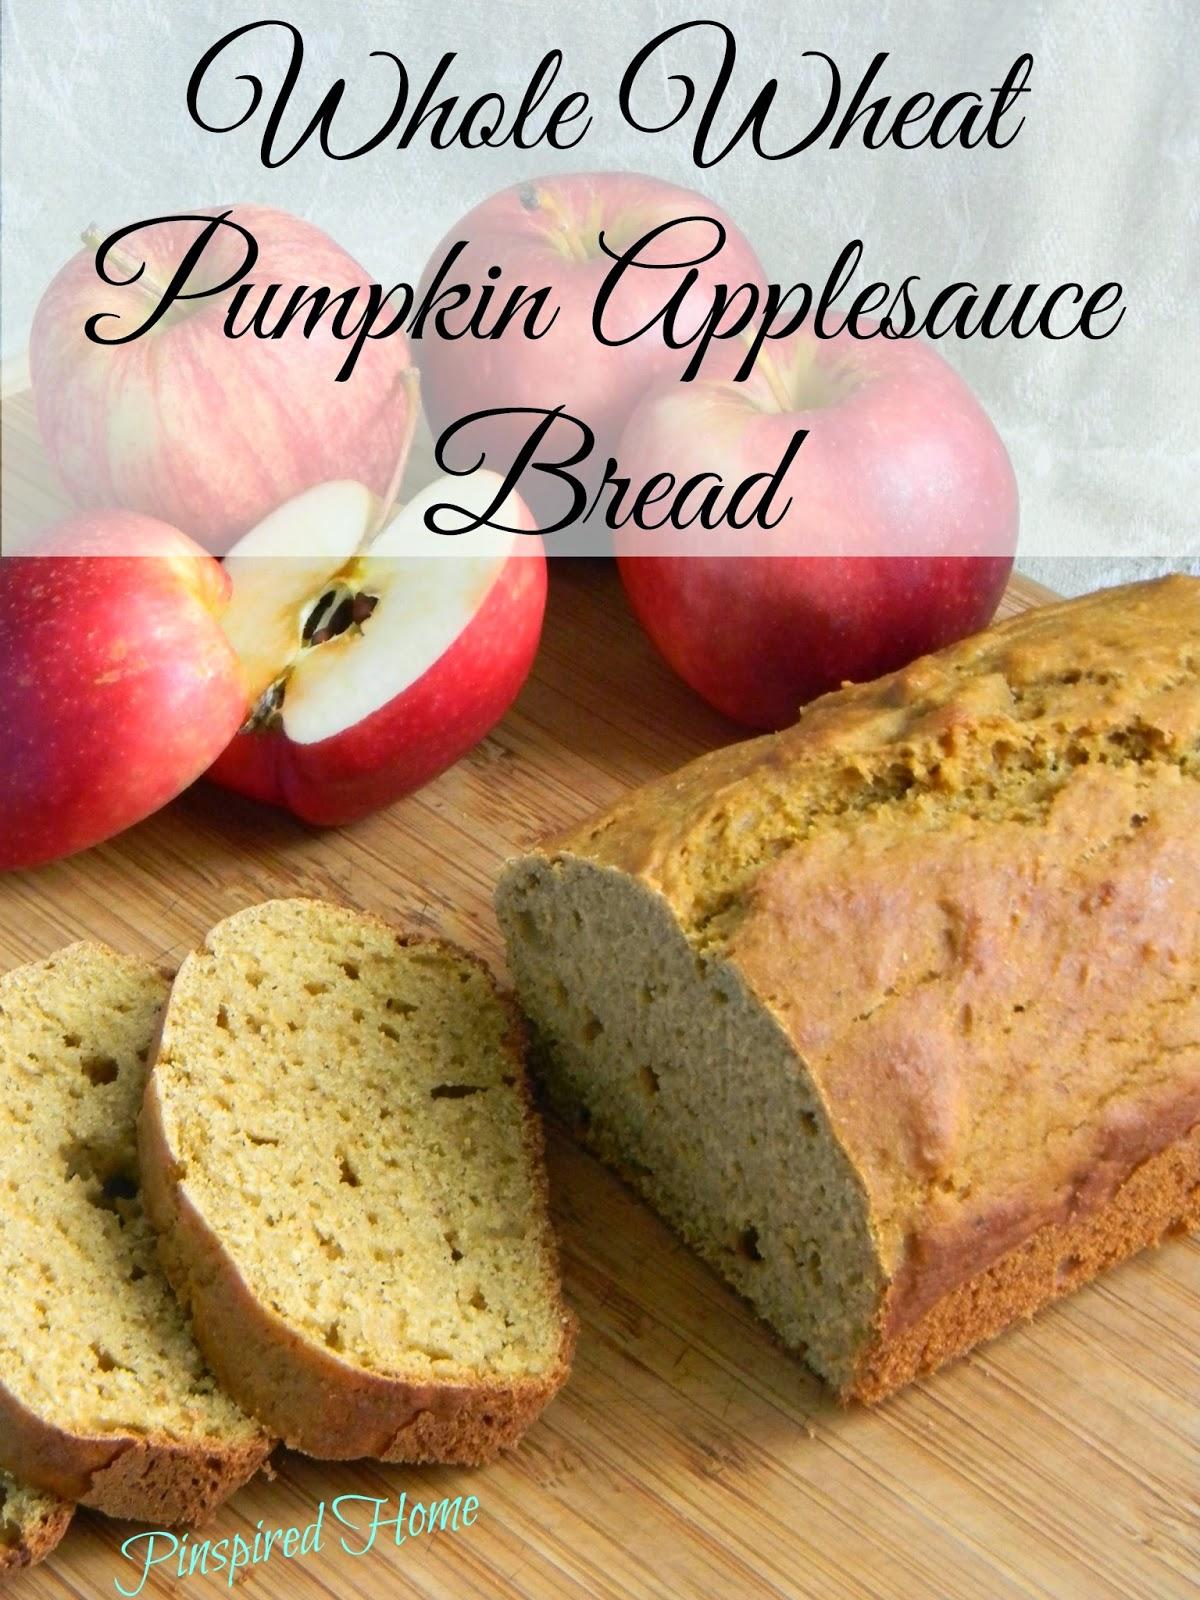 http://pinspiredhome.blogspot.com/2014/09/whole-wheat-pumpkin-applesauce-bread.html